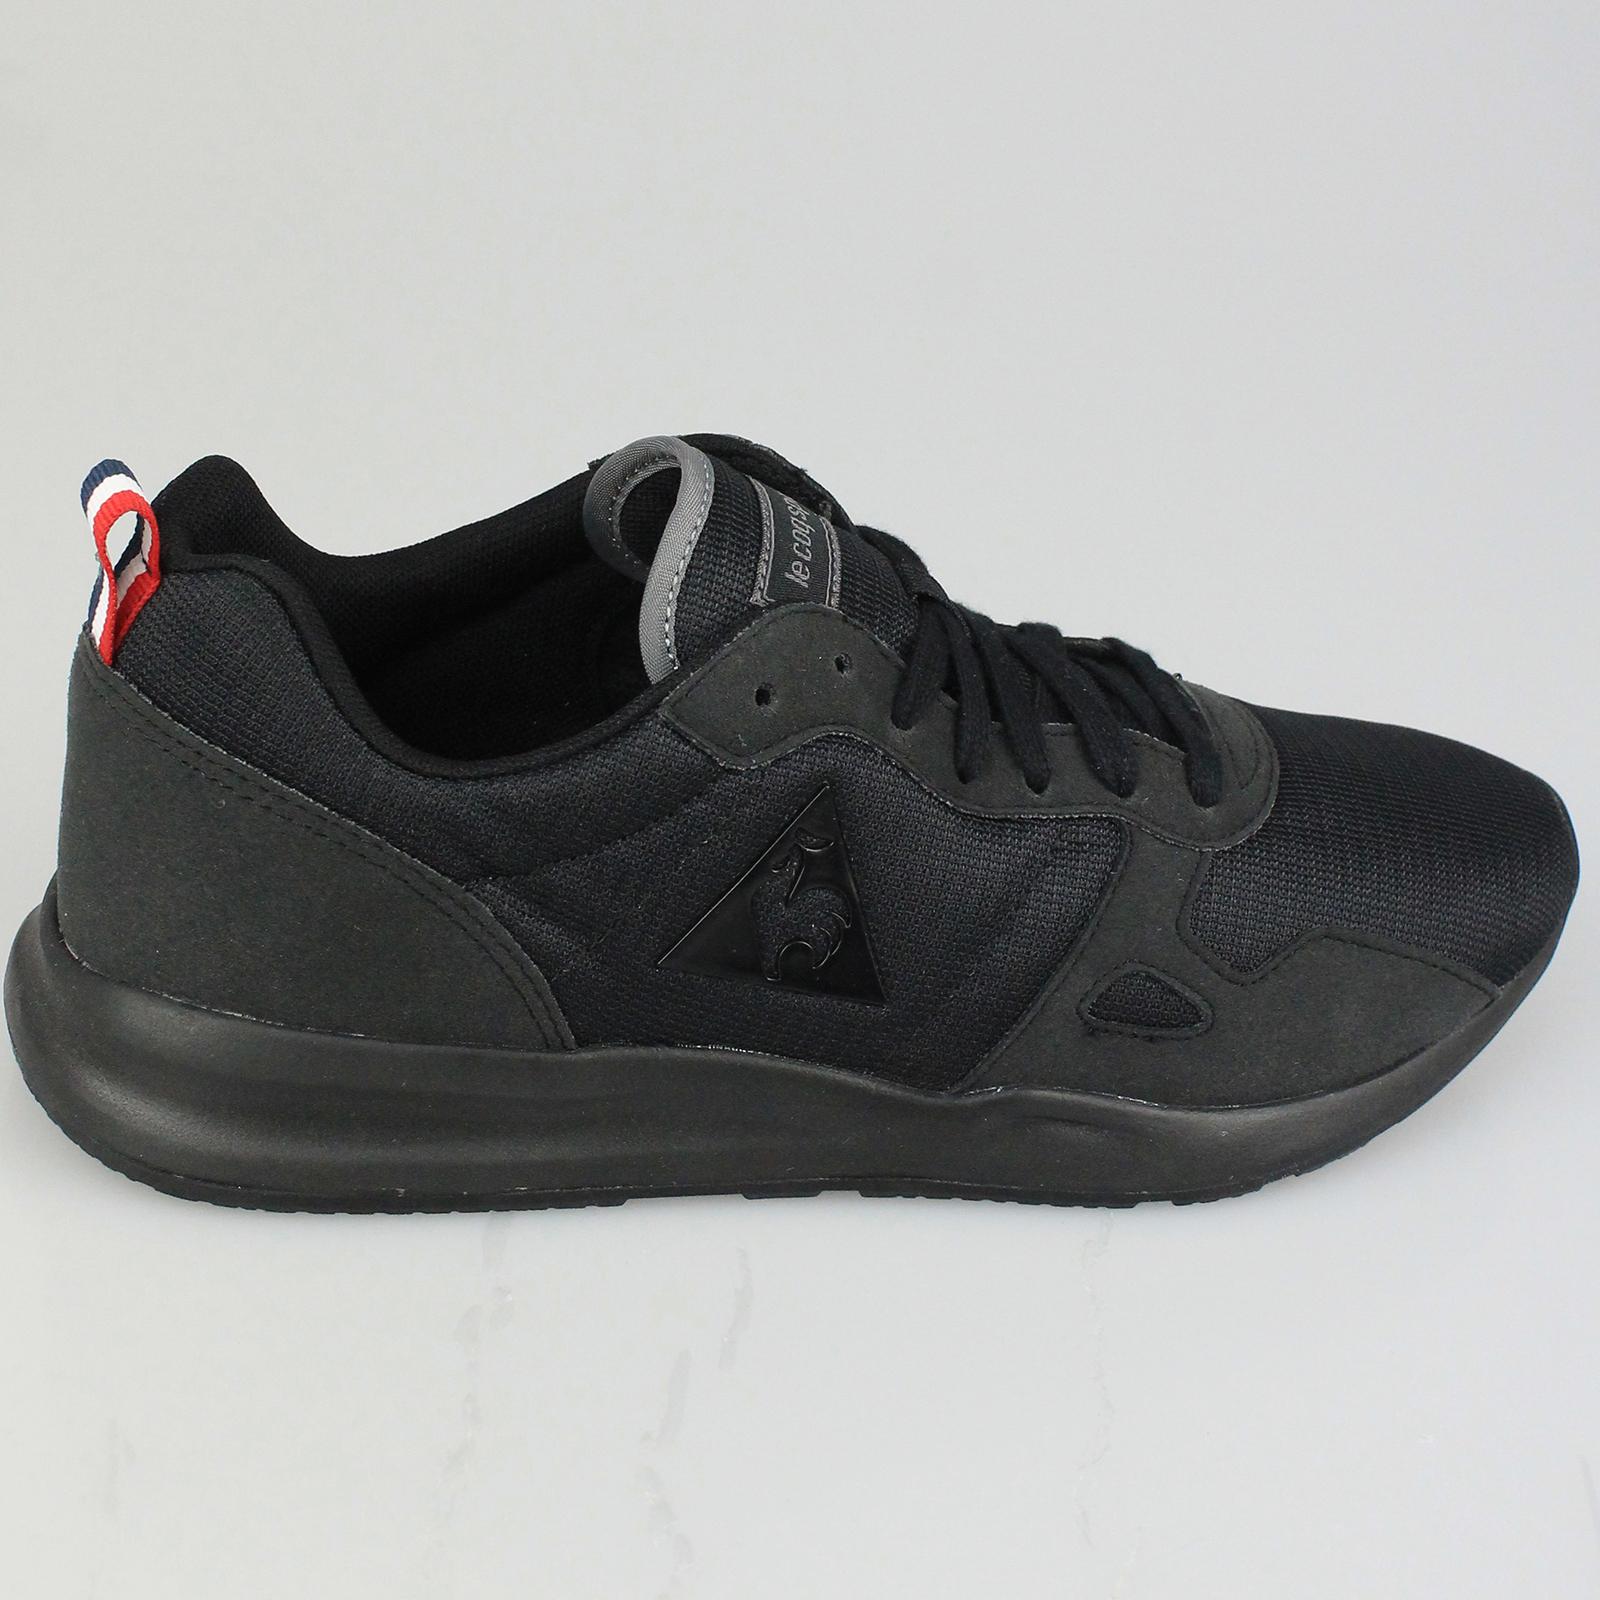 6d256be0944032 Previous; Next. 1; 2. Previous; Next. Pantofi sport barbati Le Coq Sportif  Lcs R600 Mesh 1720207